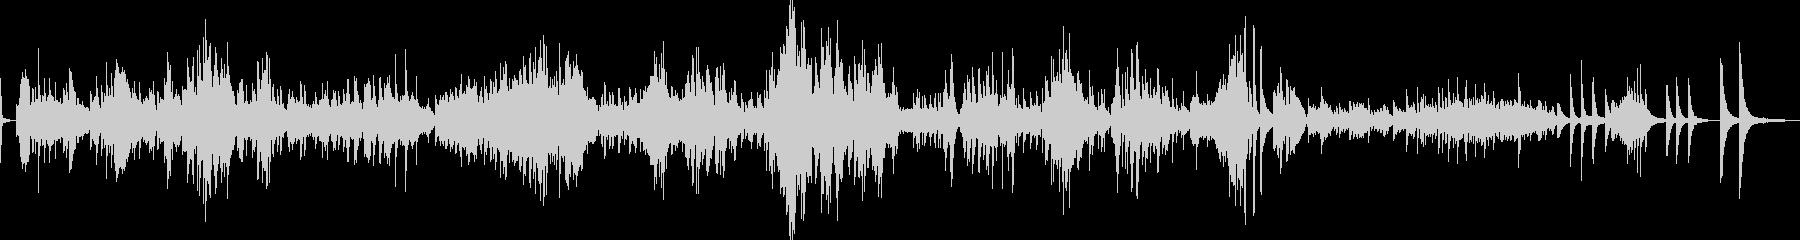 ショパン ノクターン Op55-No2の未再生の波形